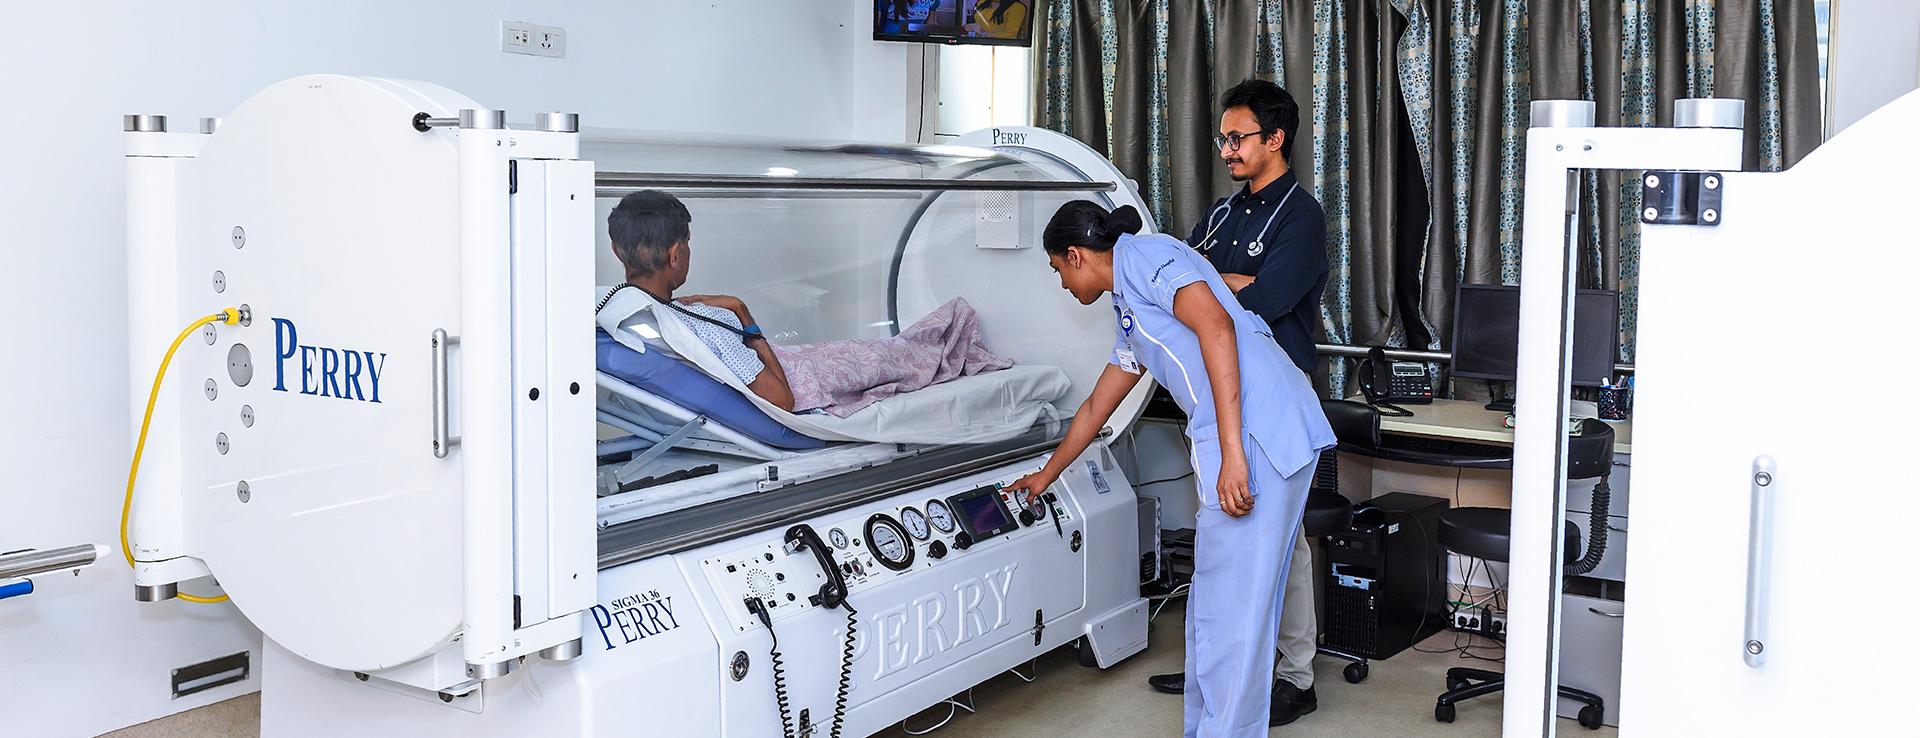 Centre for Management of Unconscious Patients